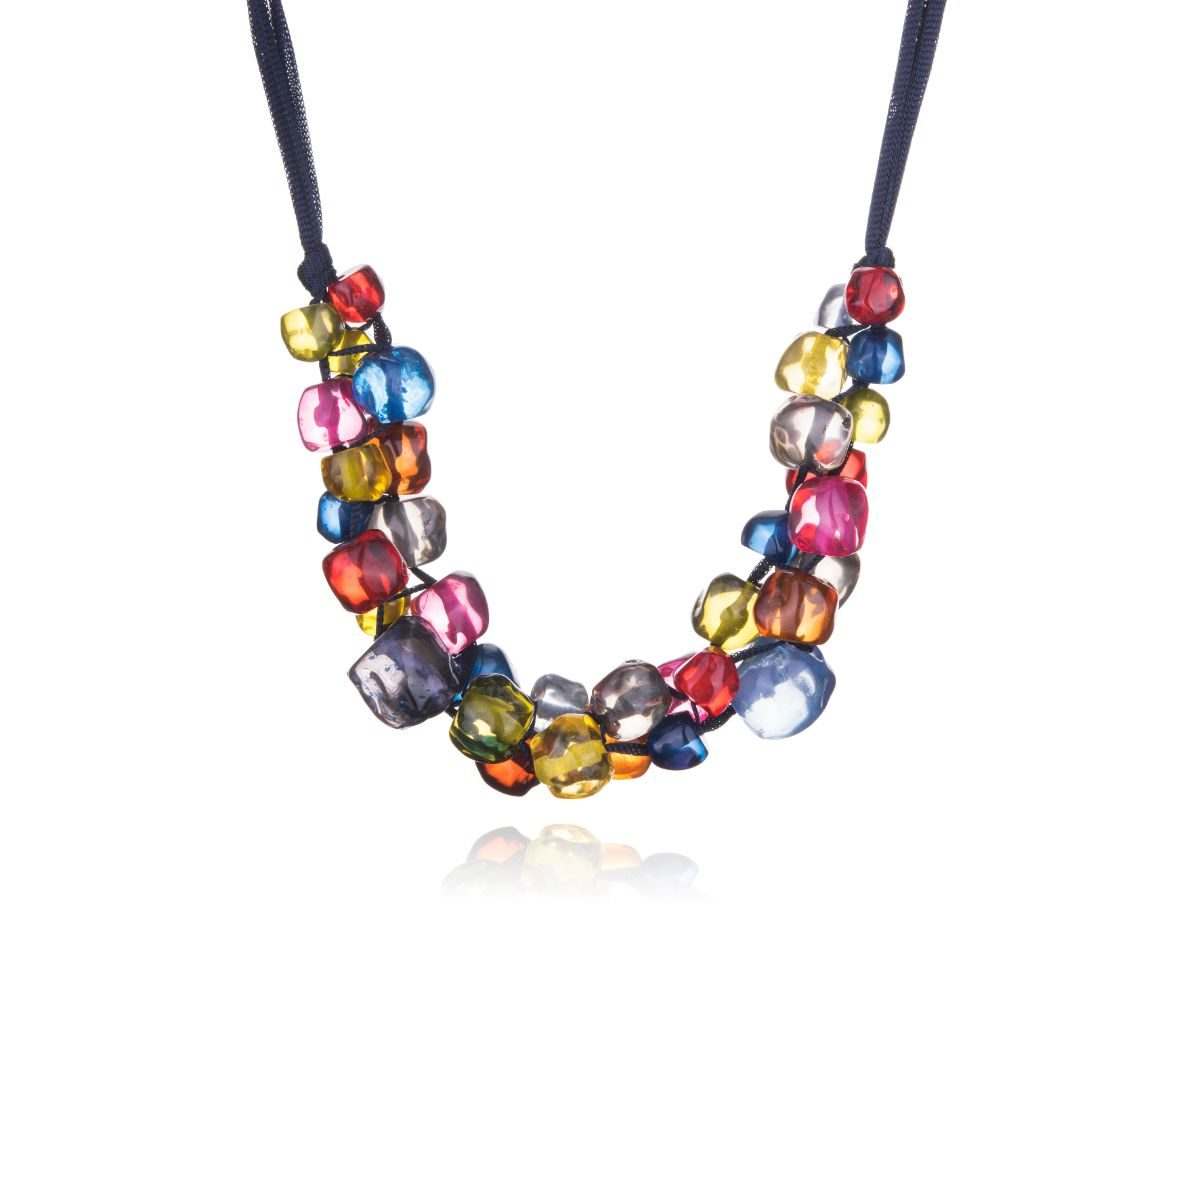 Colors collar corto con cinta de seda engarzando piezas de resina multicolor en formas redondeadas